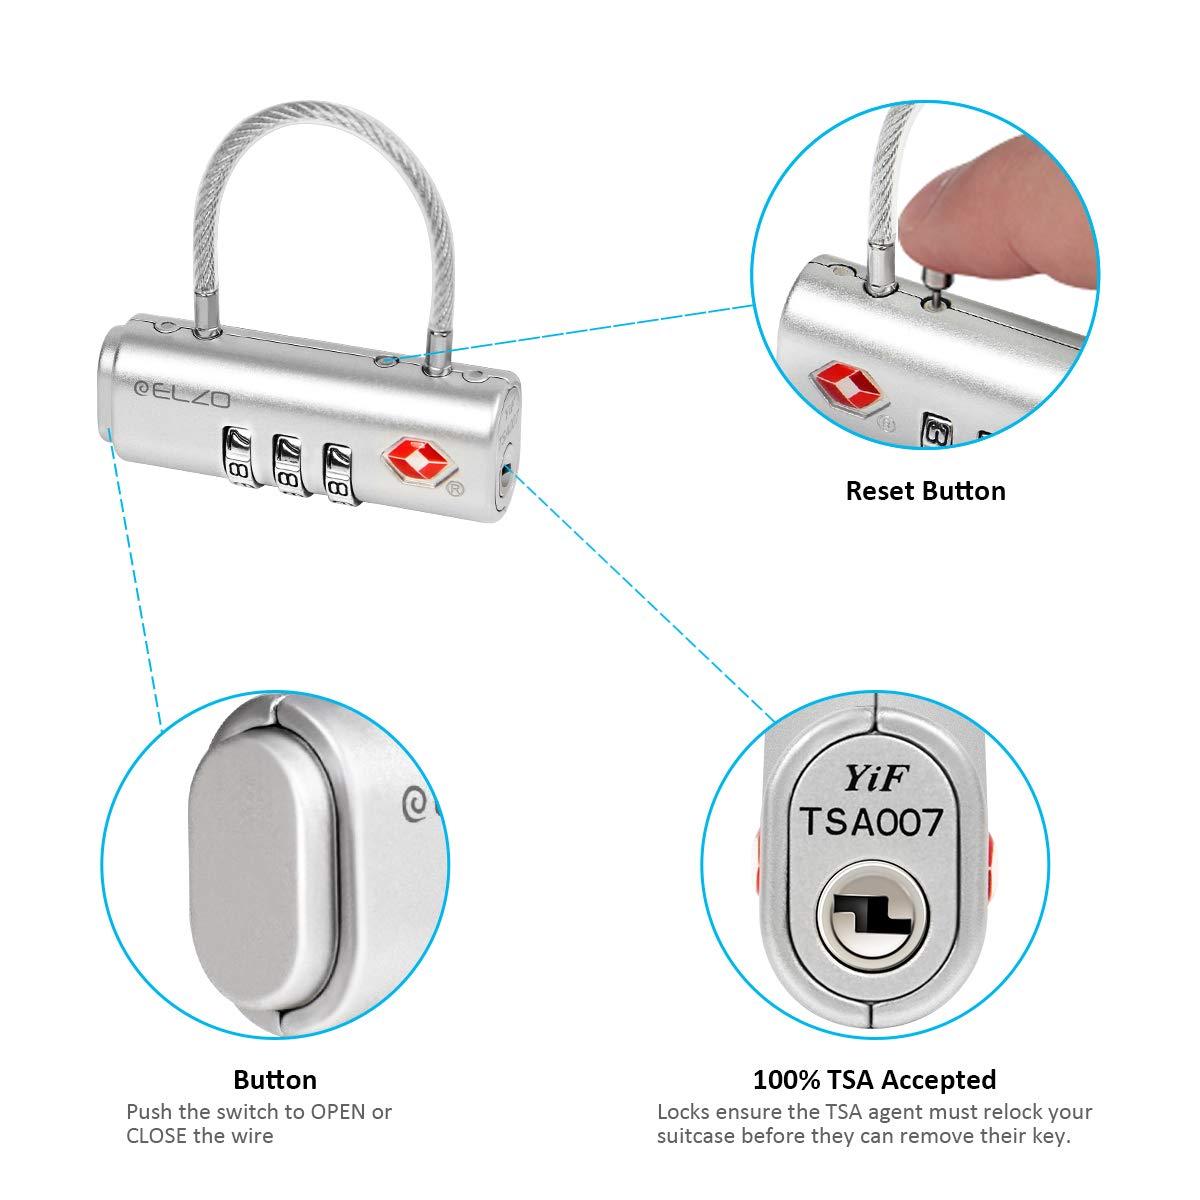 Candados de Seguridad ELZO Candado Combinacion Negro /& Plata Candado TSA Candado Maleta para Equipaje 2 Unidades con Cierre de Cable